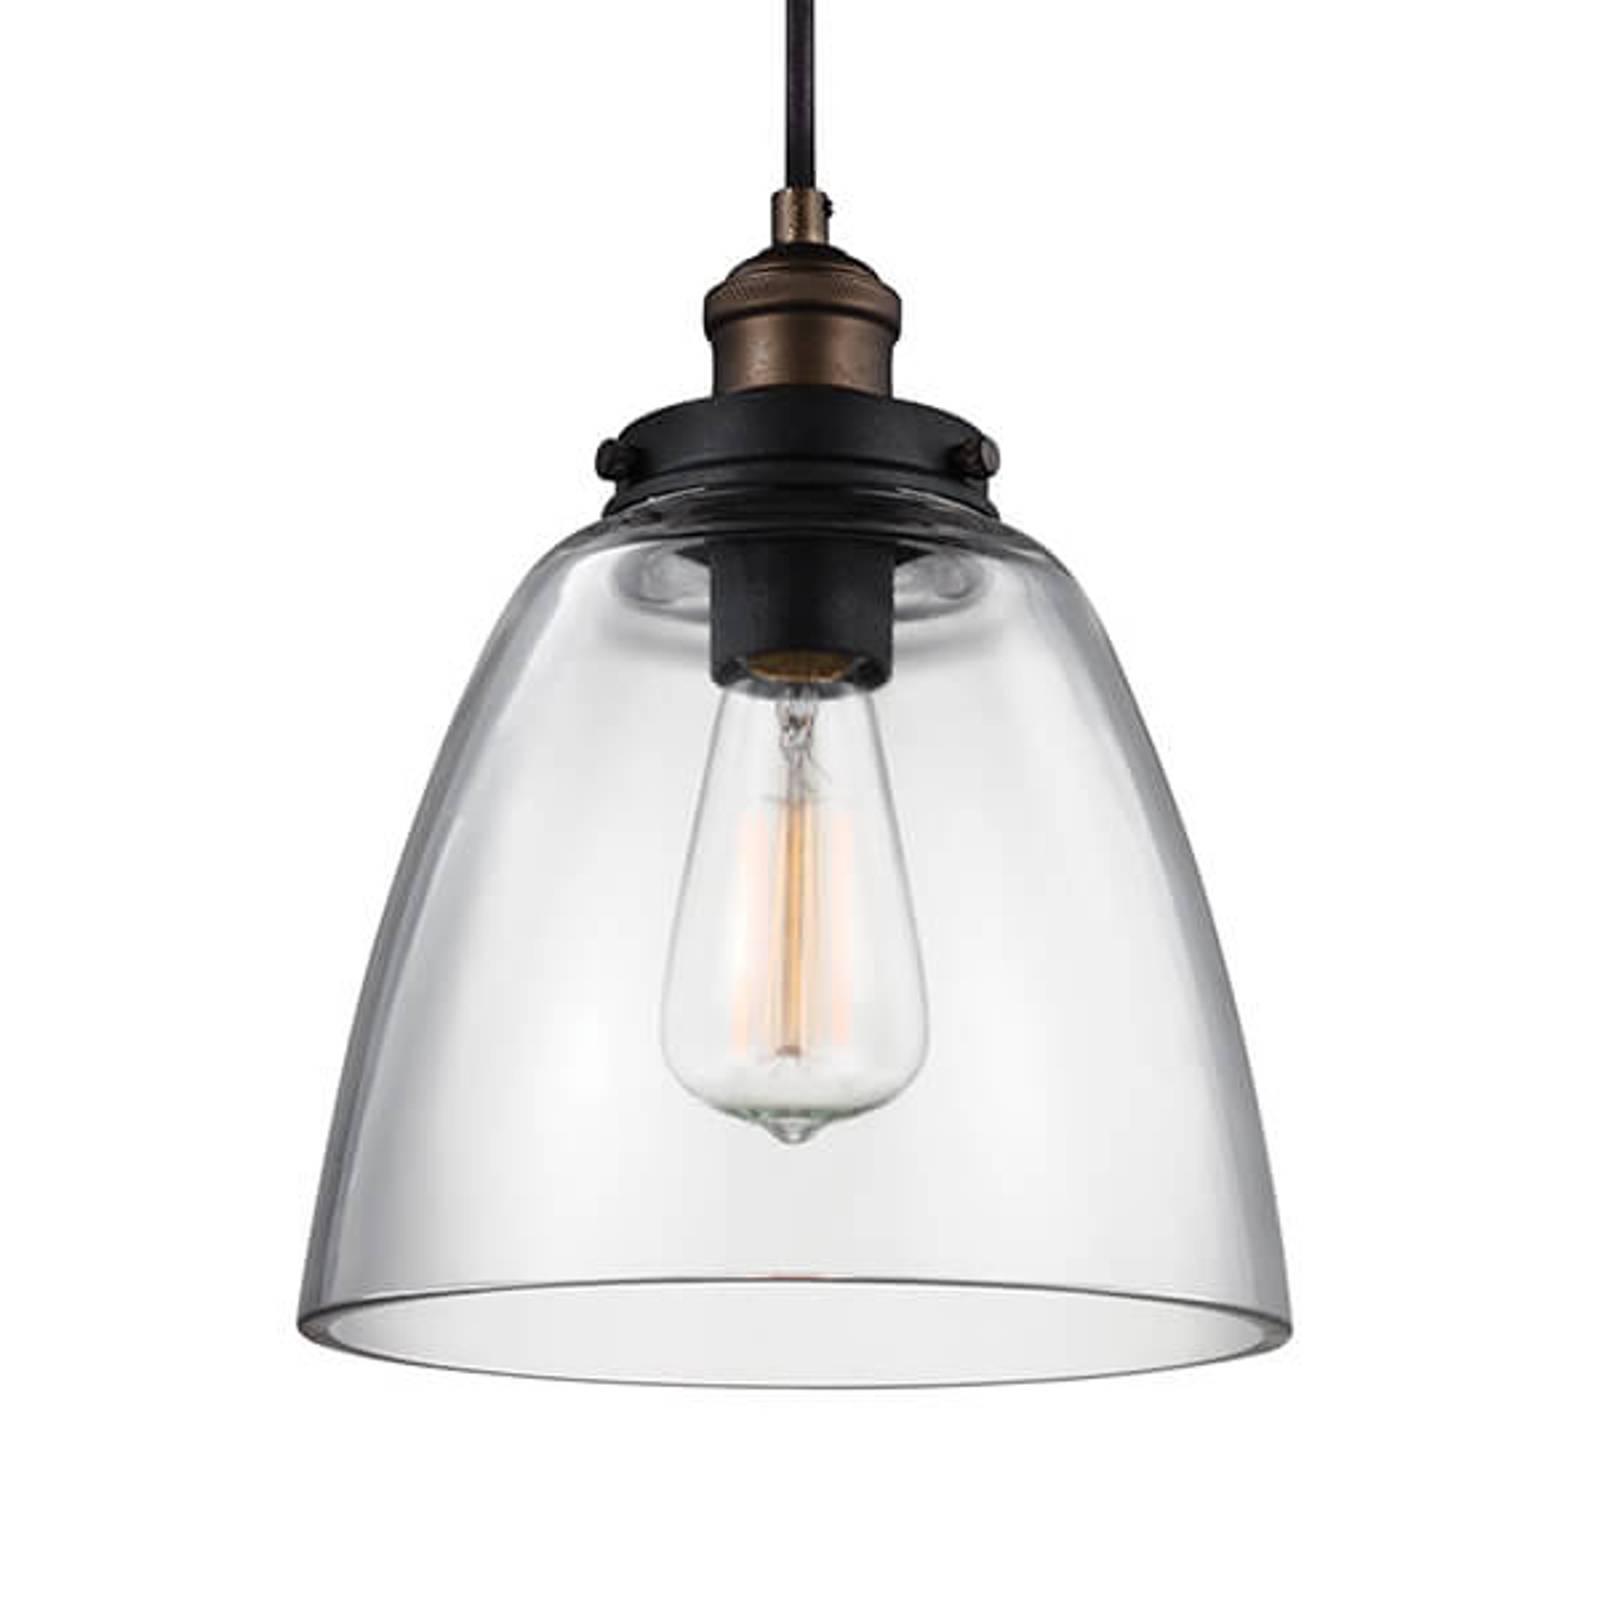 Lampa wisząca Baskin B, stary mosiądz, cynk